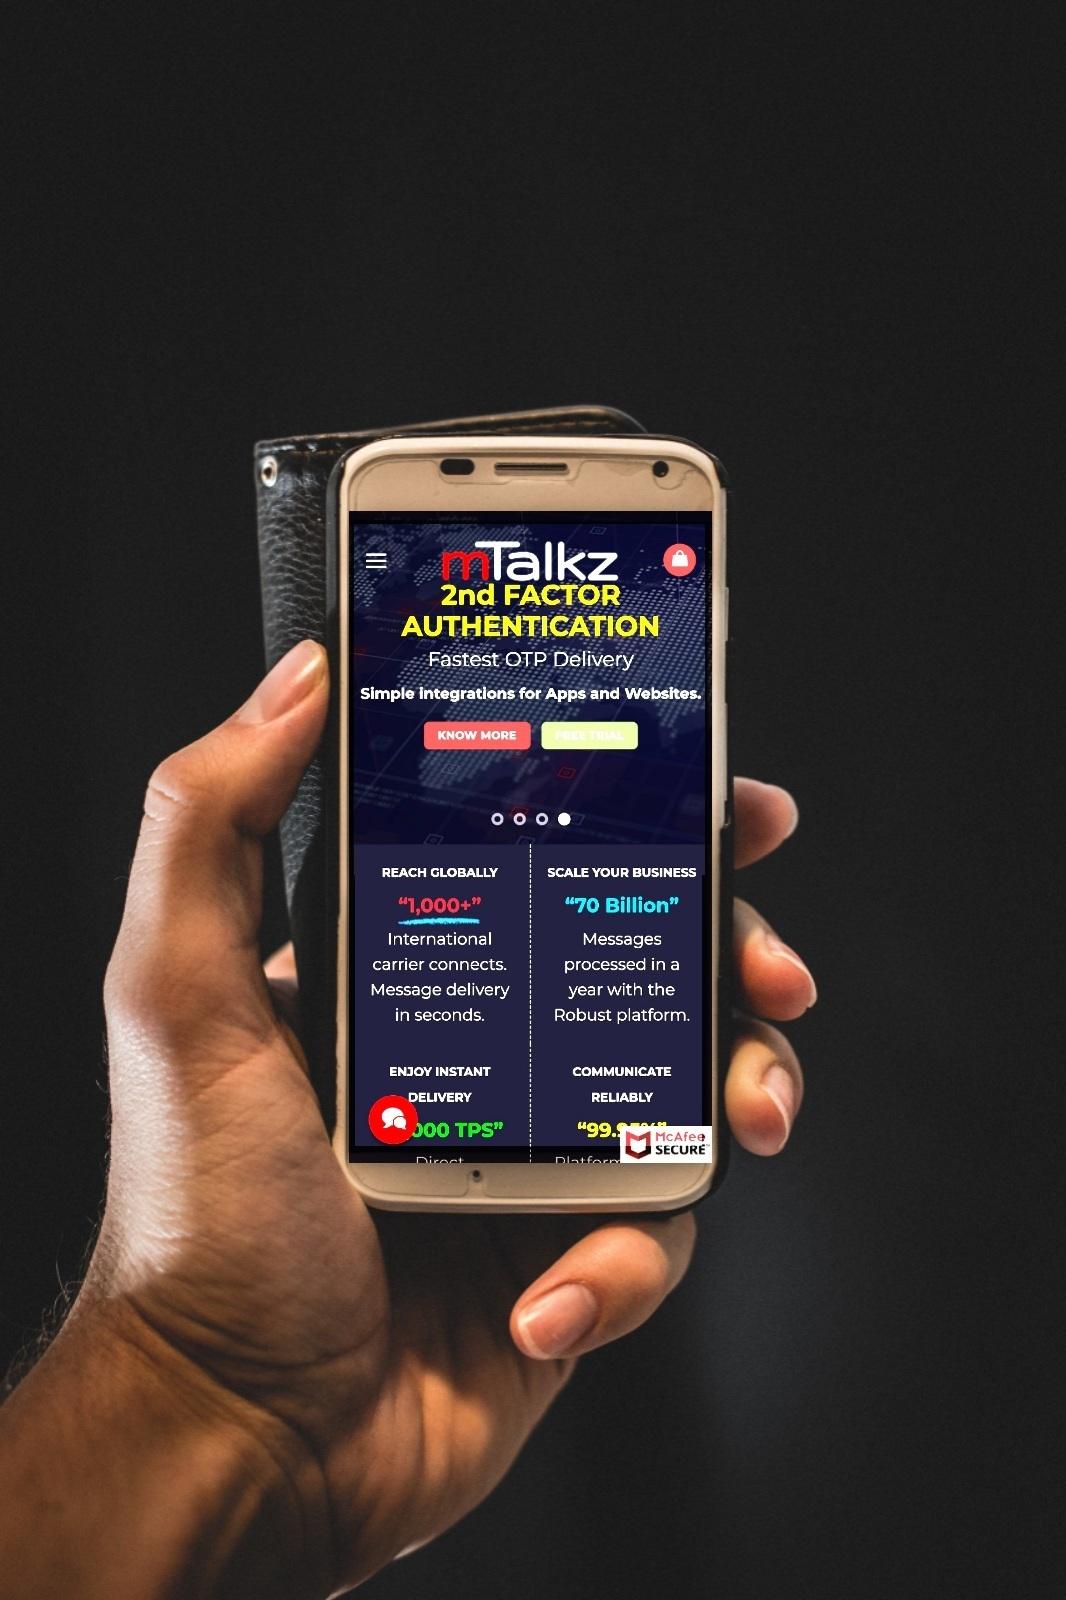 bulk sms in delhi mtalkz